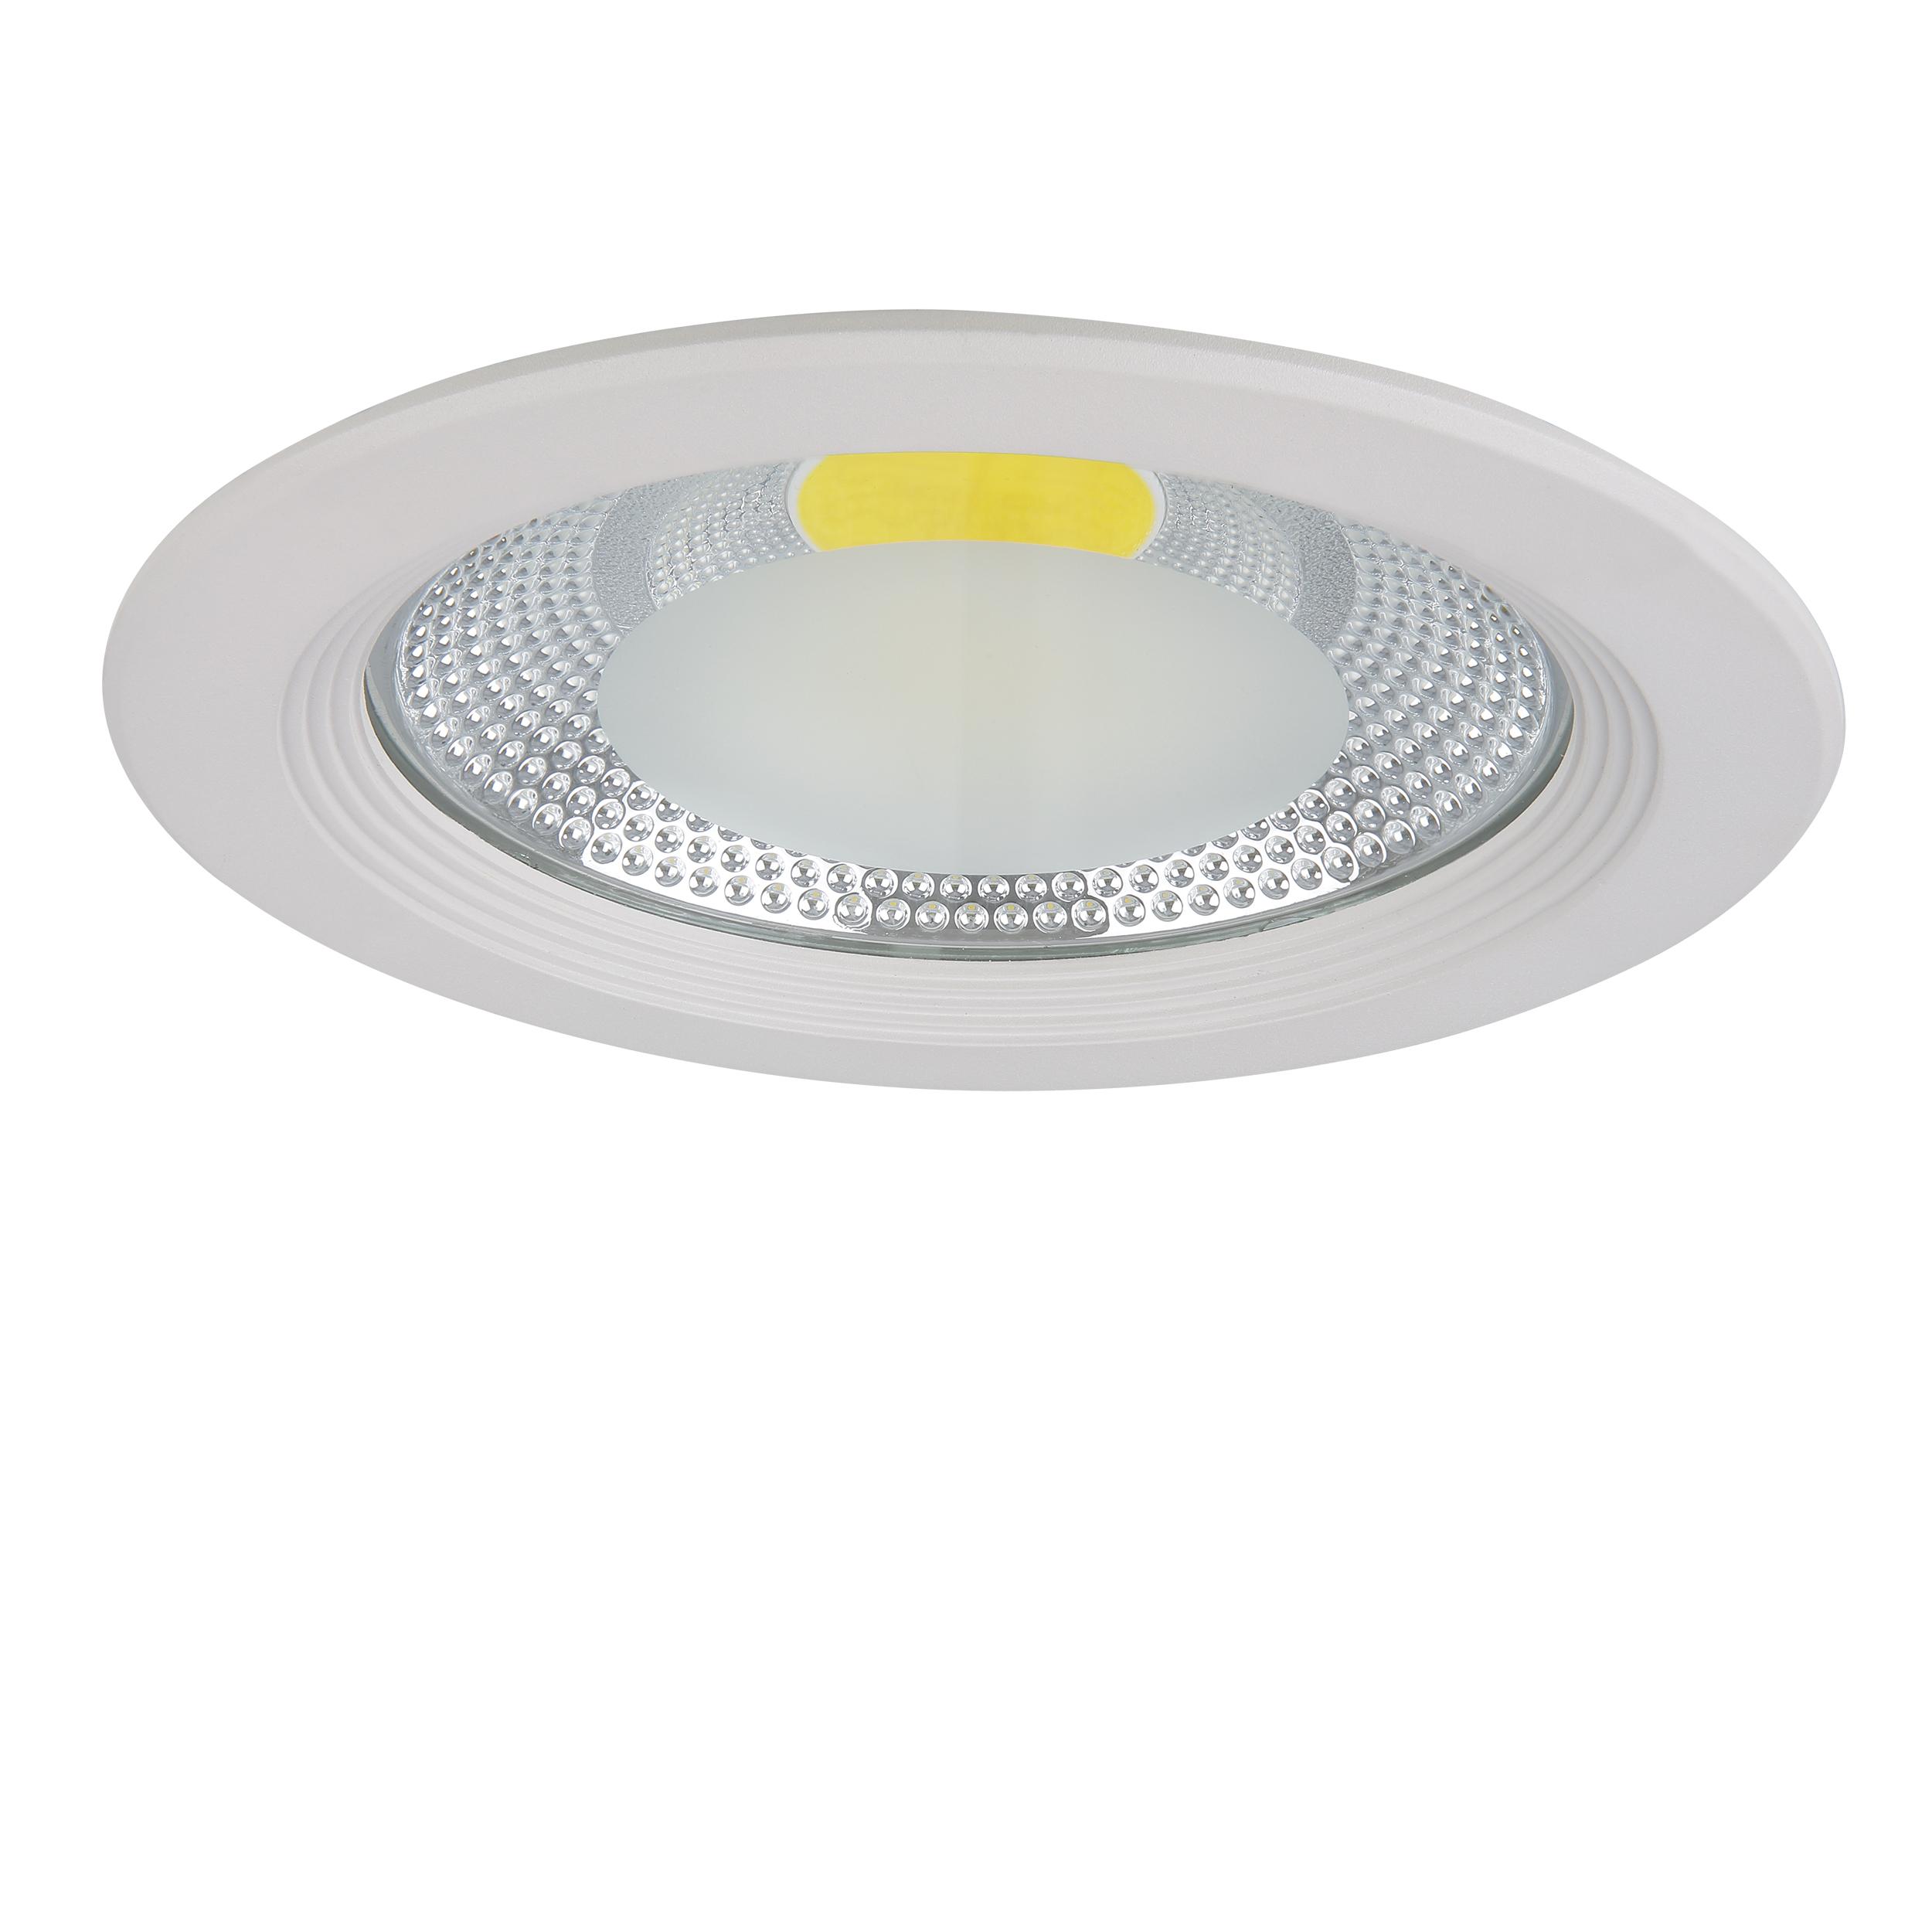 Встраиваемый светодиодный светильник Lightstar Forto 223204, IP44 4000K (дневной), белый, прозрачный, металл, стекло - фото 1